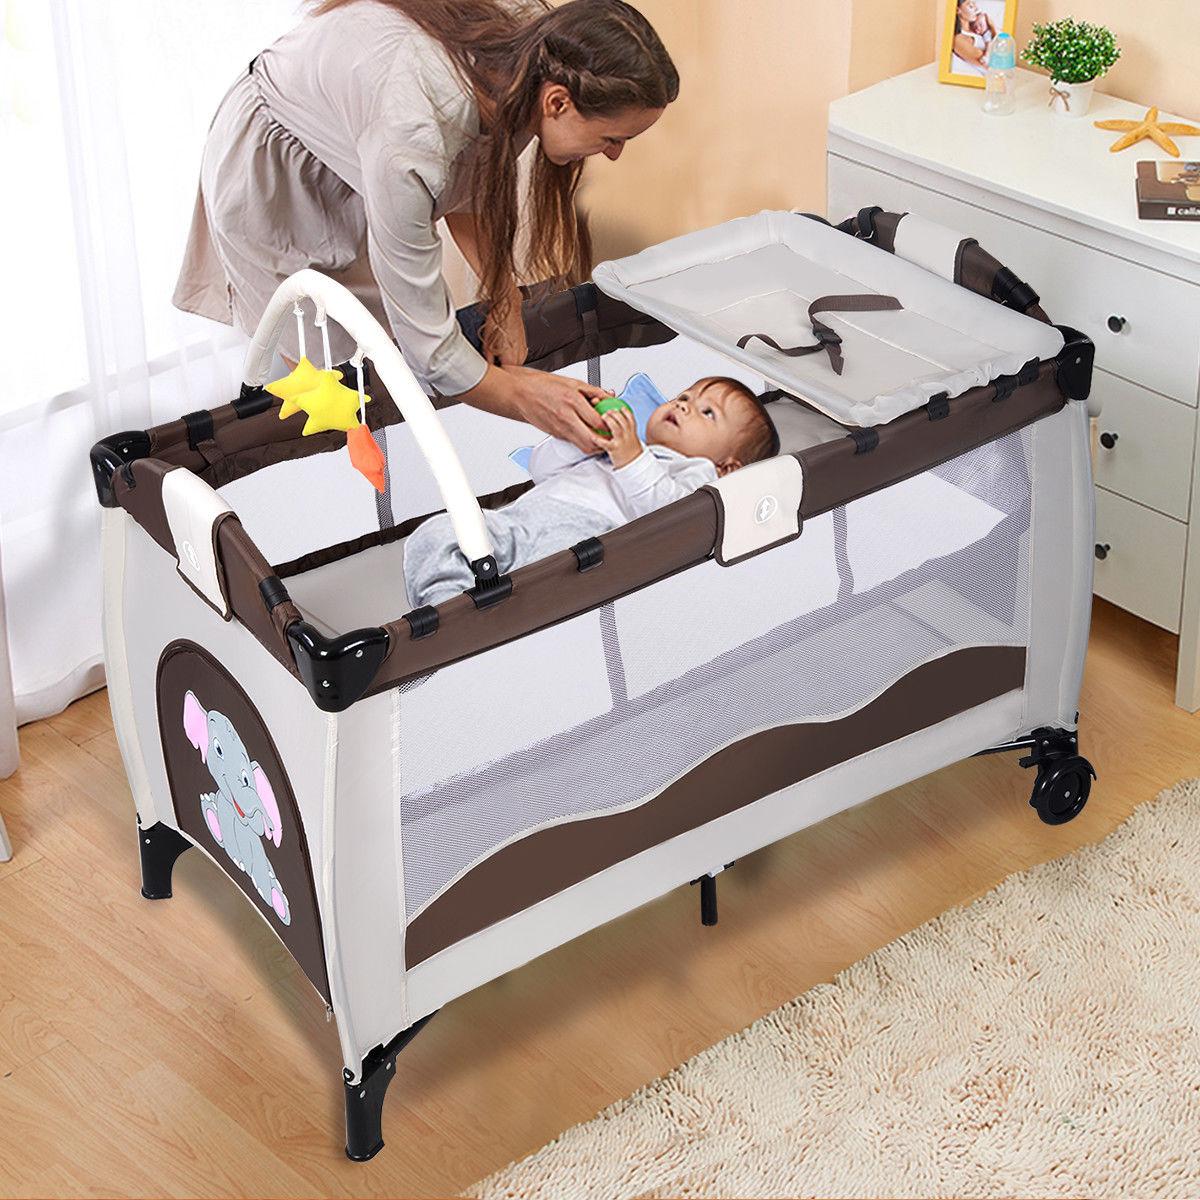 Costway Coffee Baby Crib Playpen Playard Pack Travel